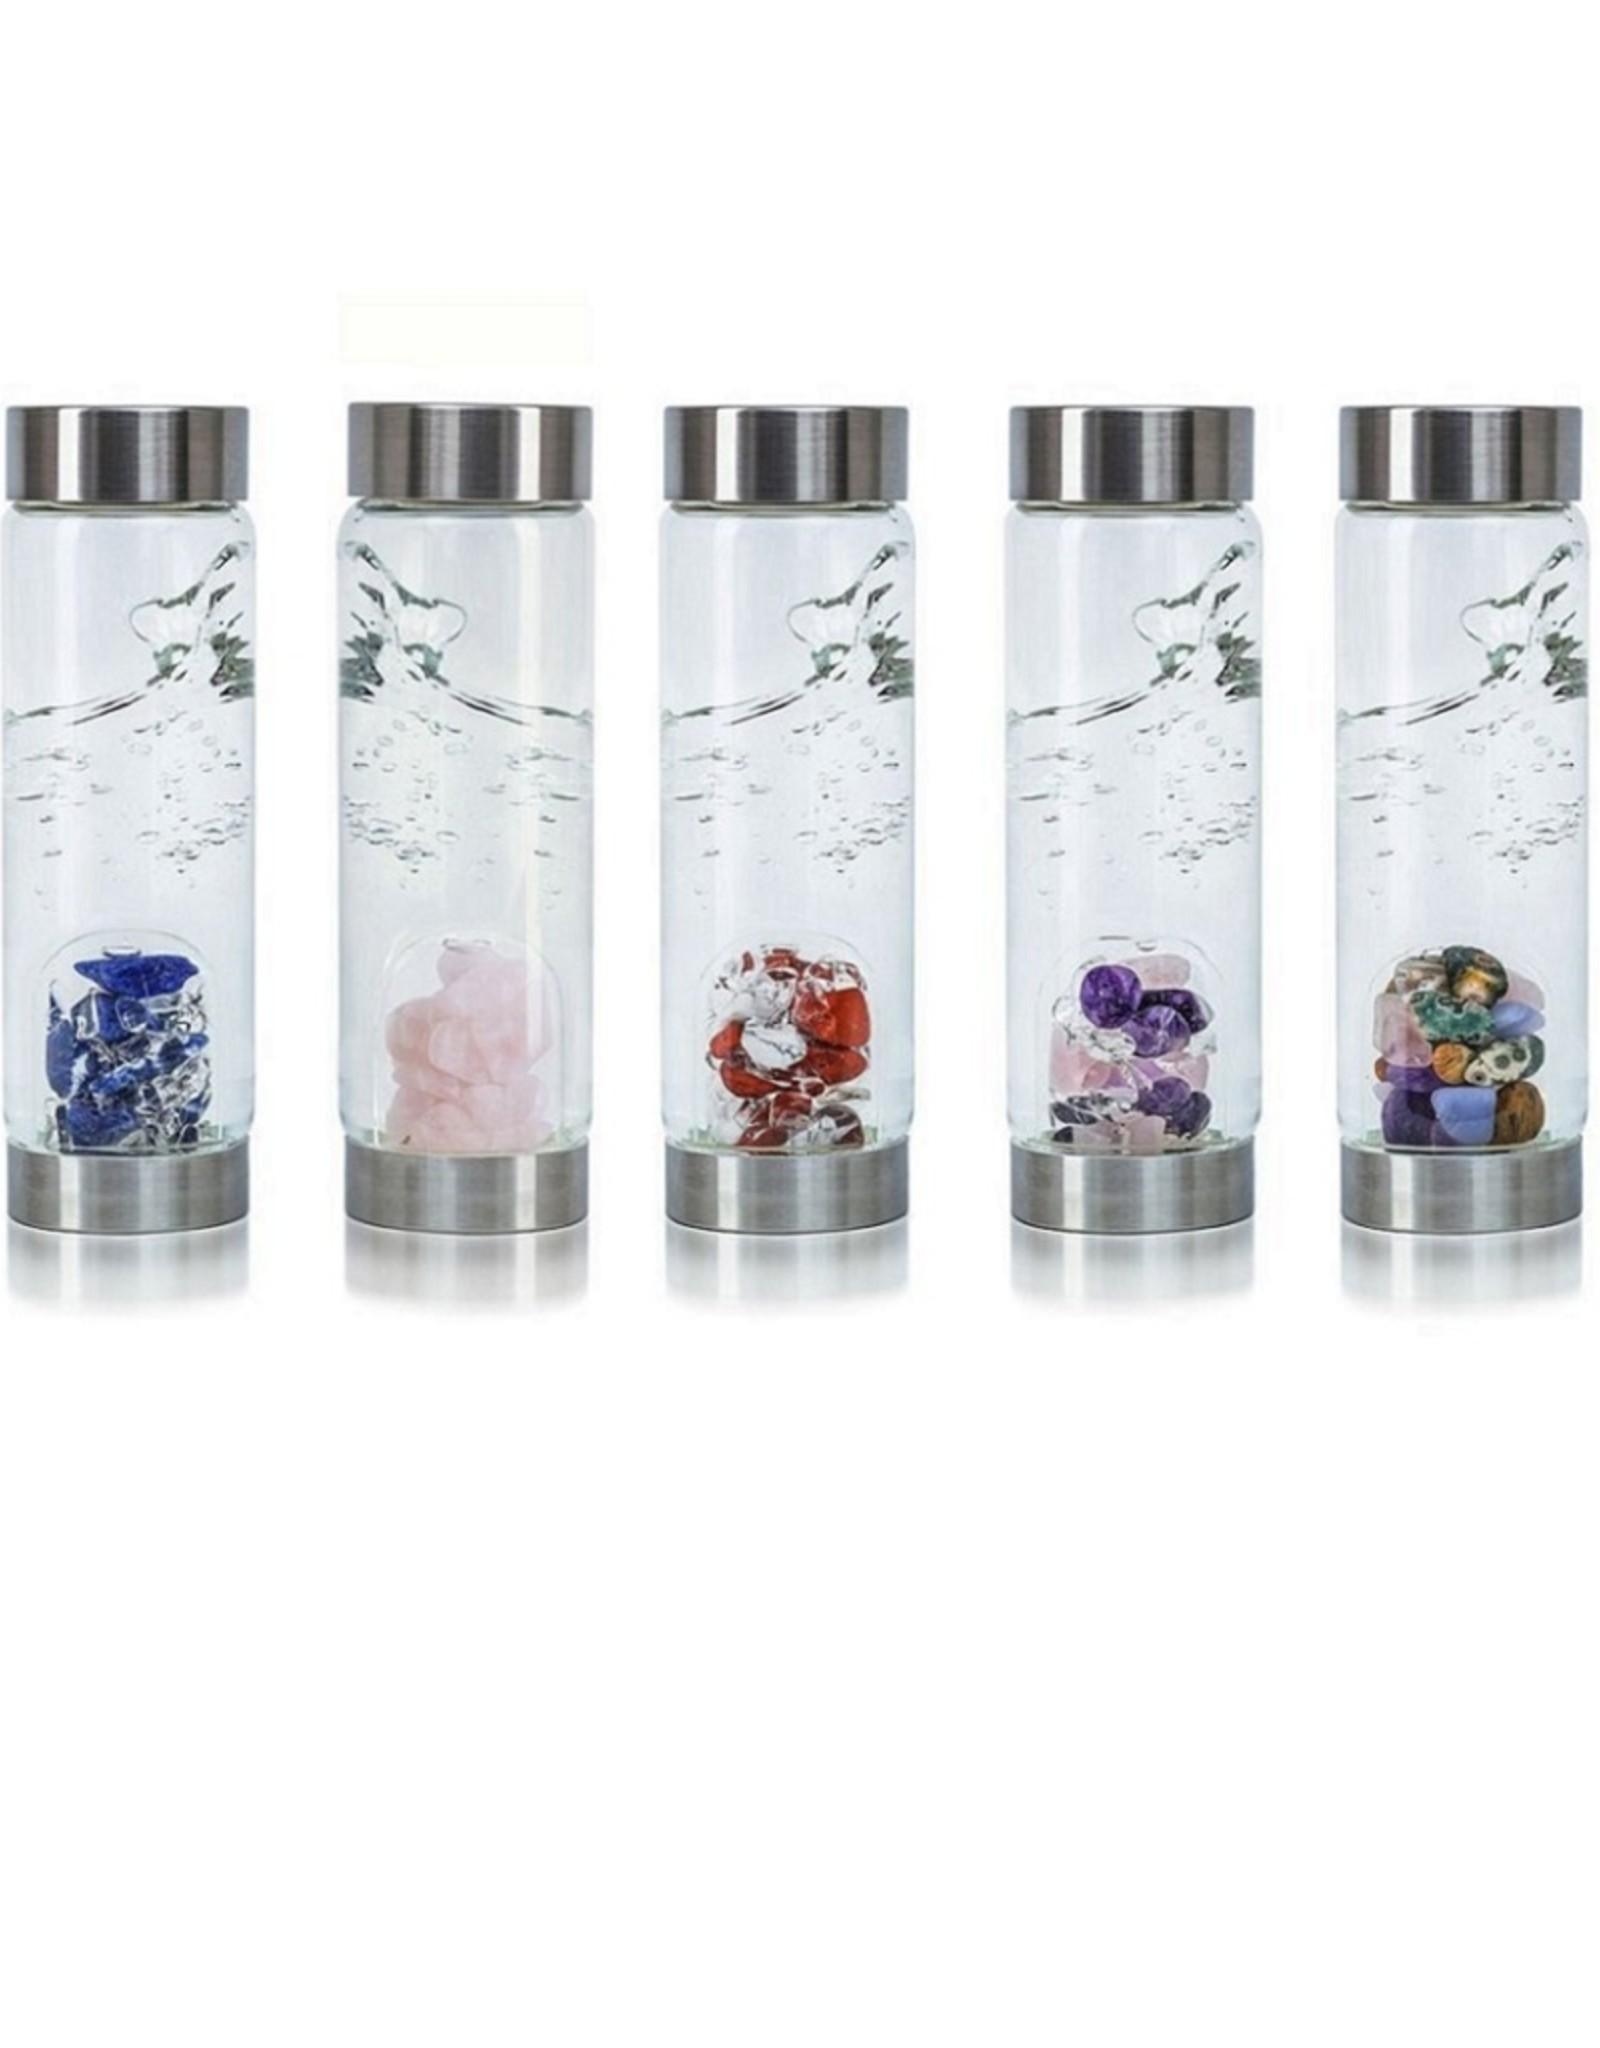 Gem Water Gem-Water LOVE Water Bottle by VitaJuwel